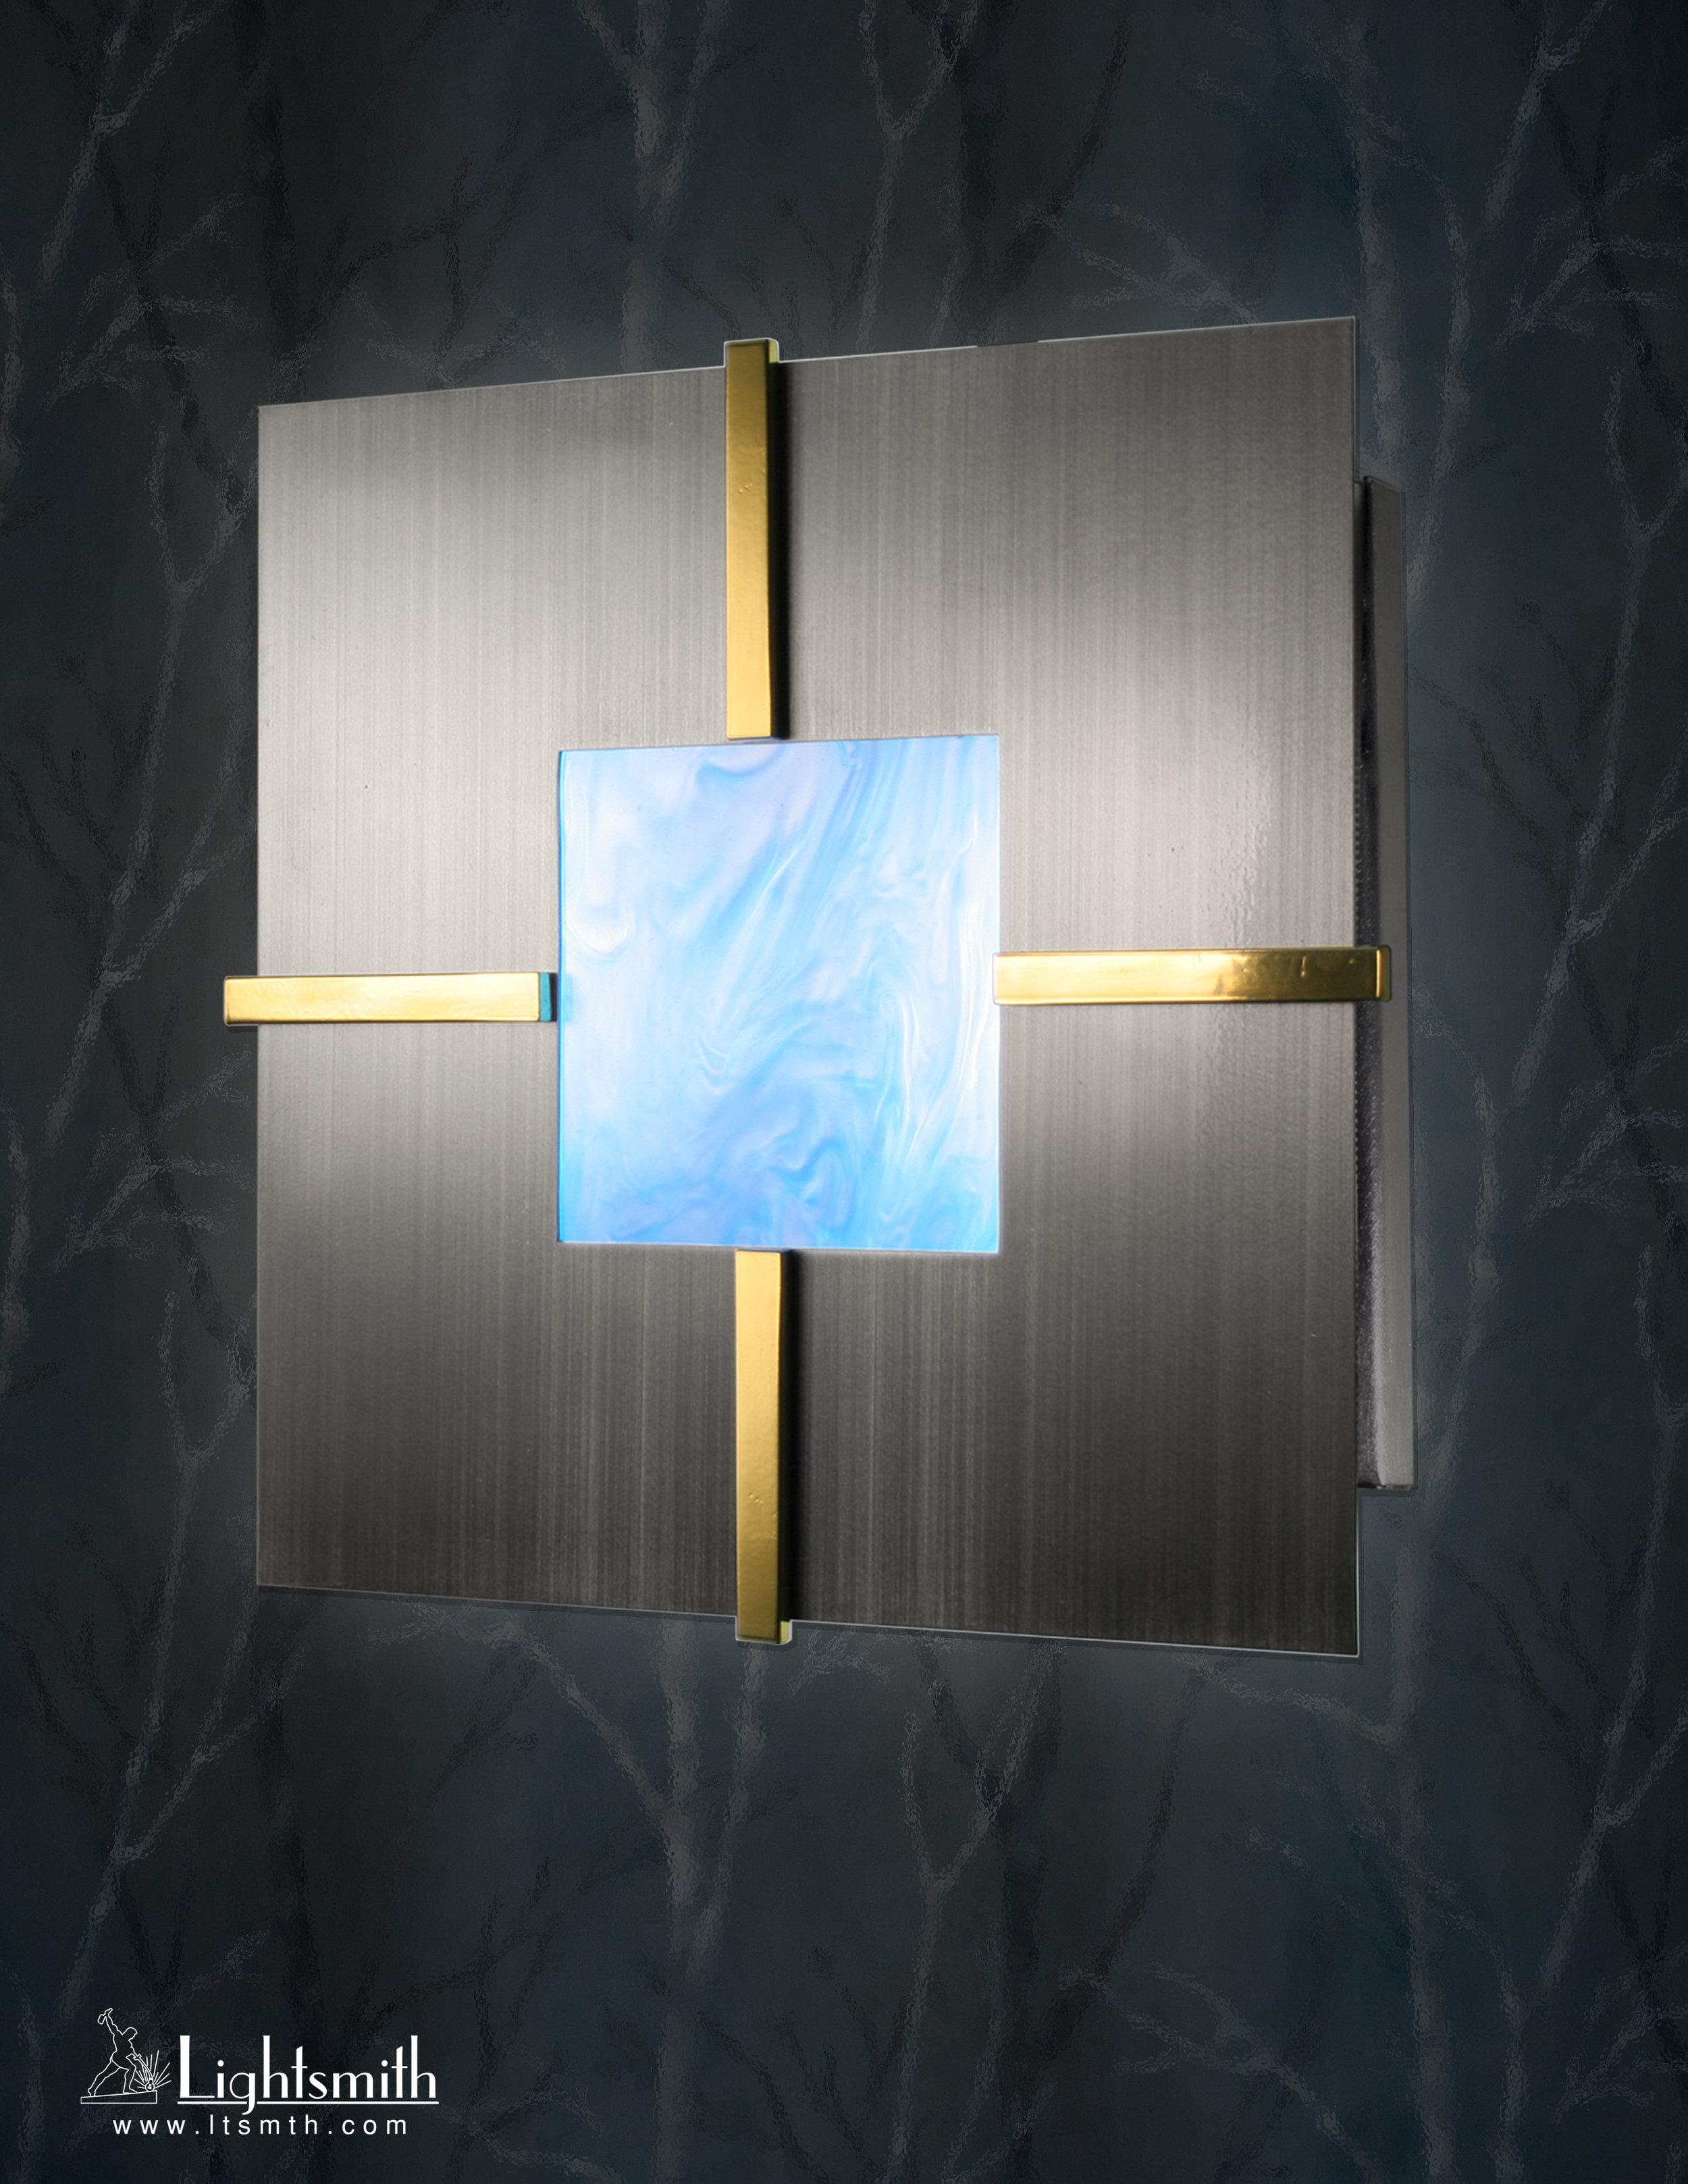 SC-8104 -Satin Nickel -Polished Brass - Blue Sky Acrylic